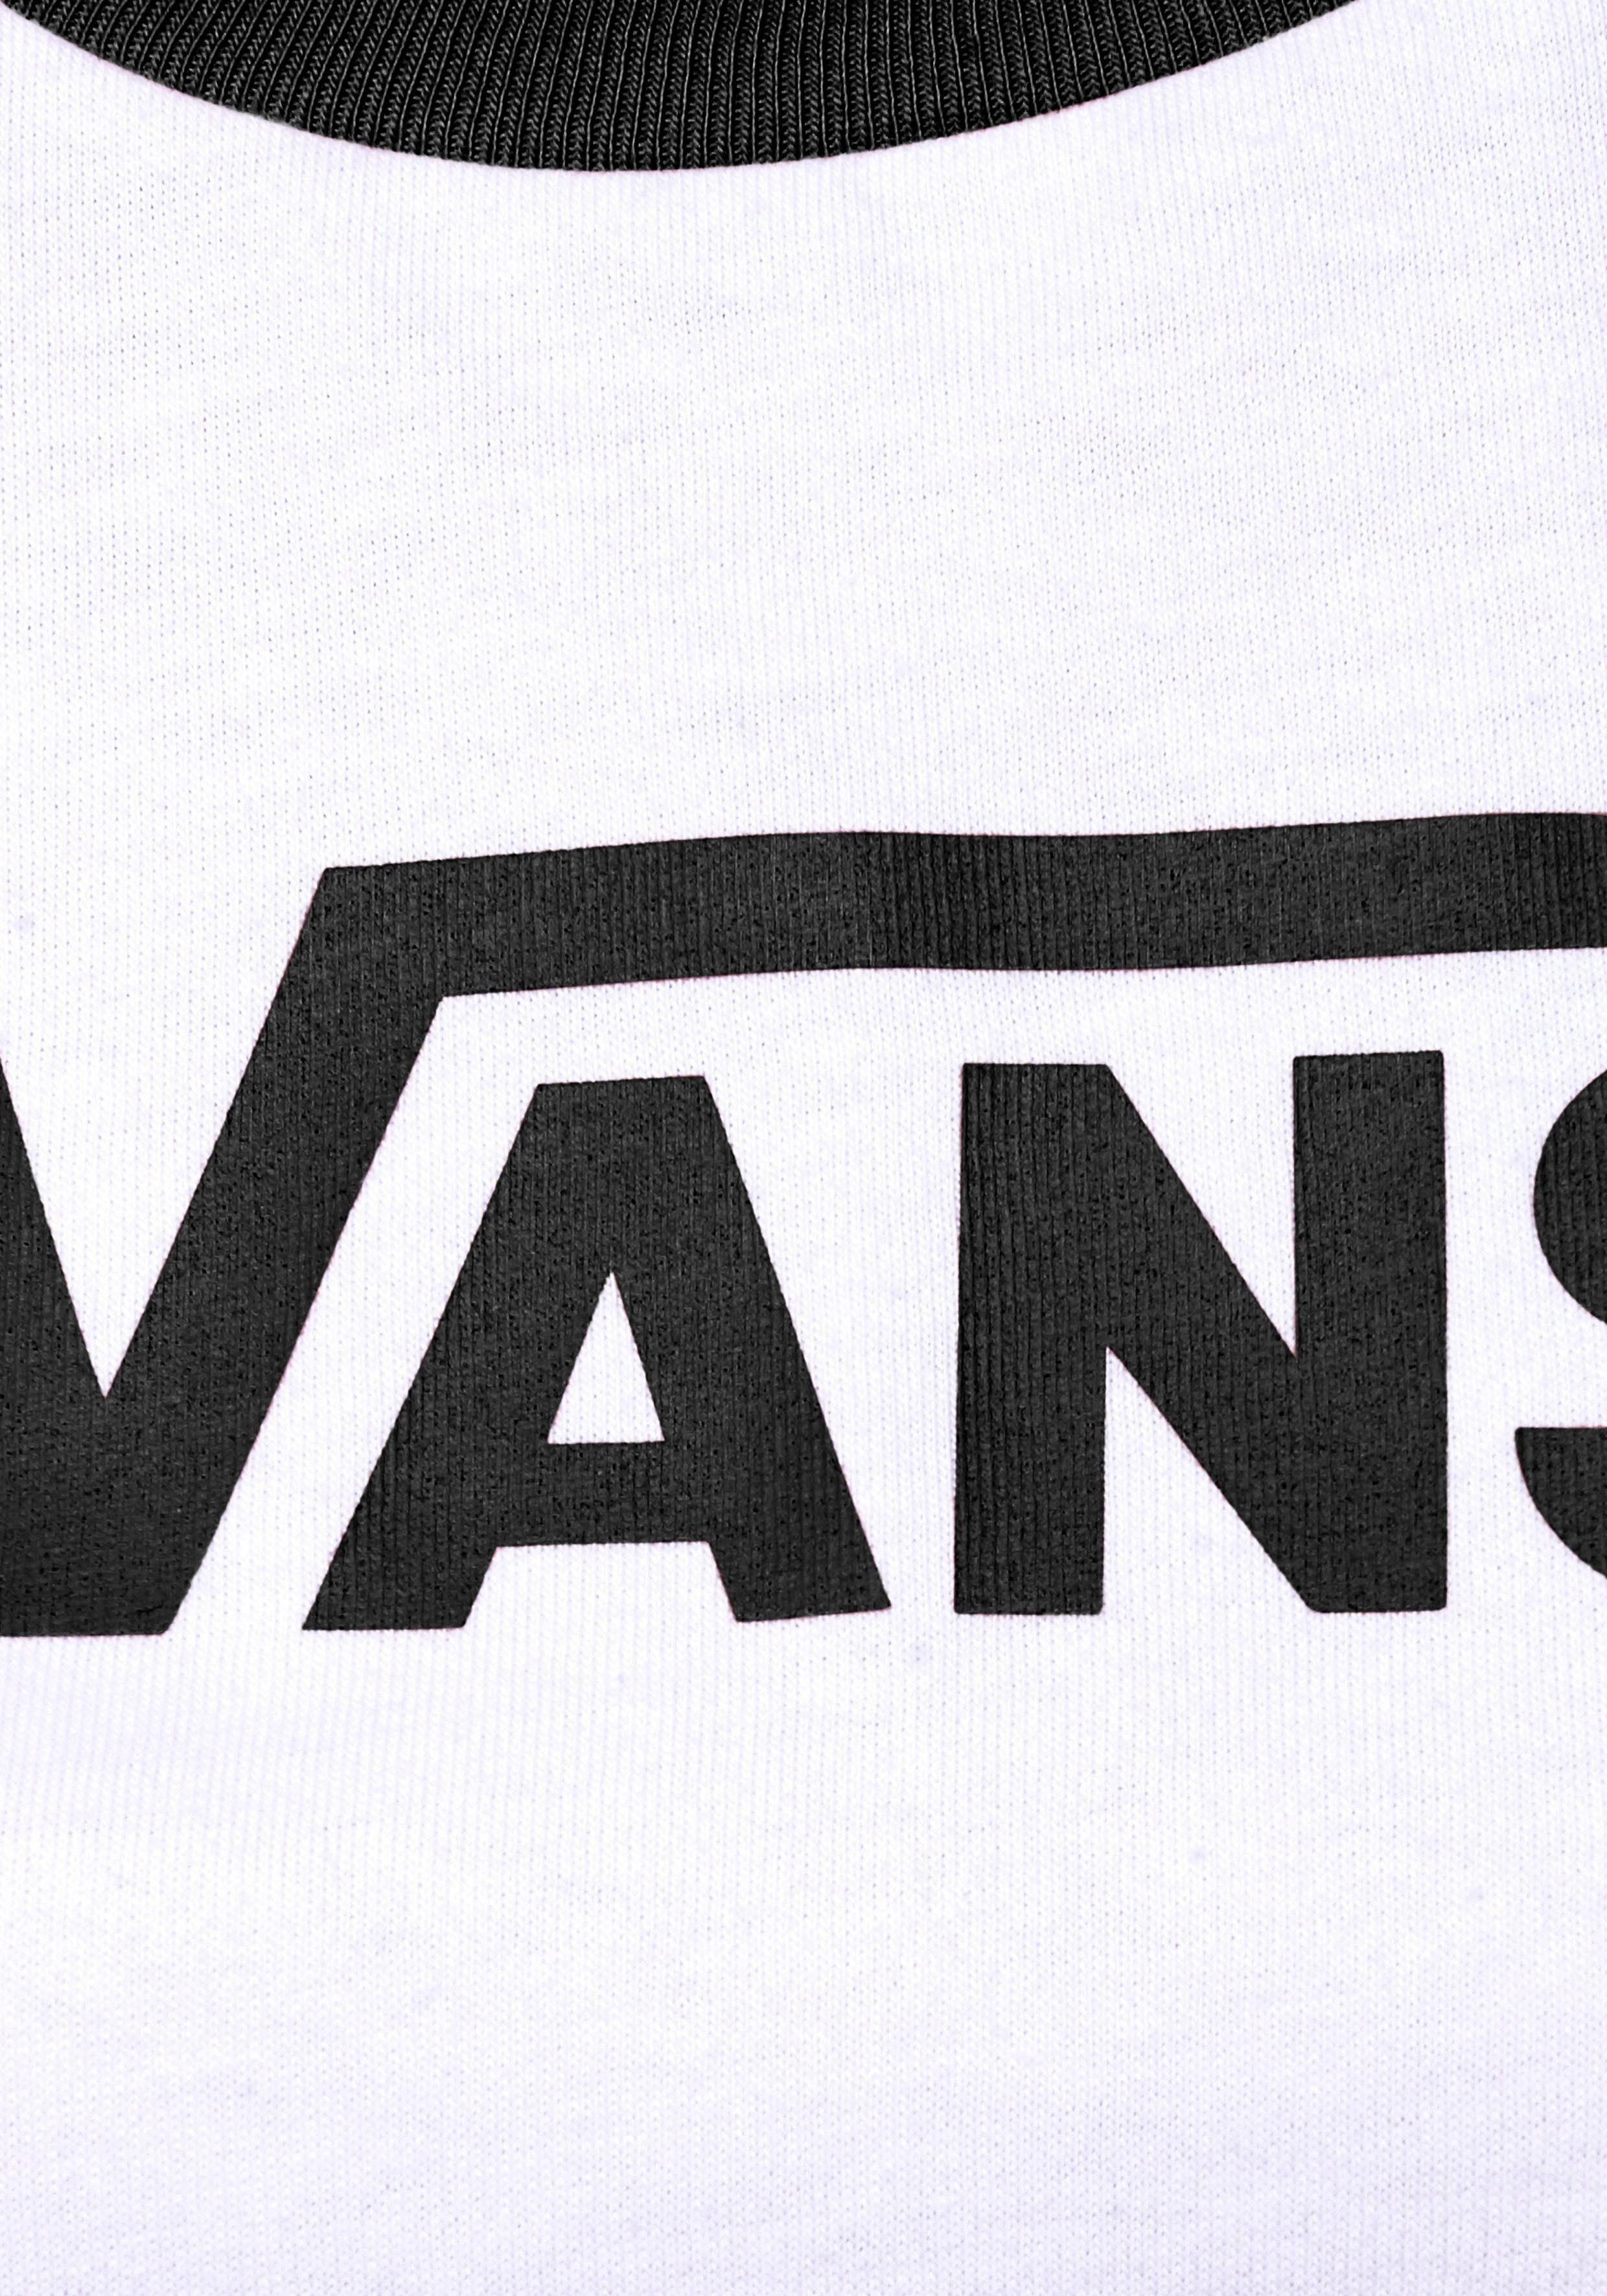 Vans Shirt Met Lange Mouwen Flying V Ls Raglan Snel Online Gekocht - Geweldige Prijs